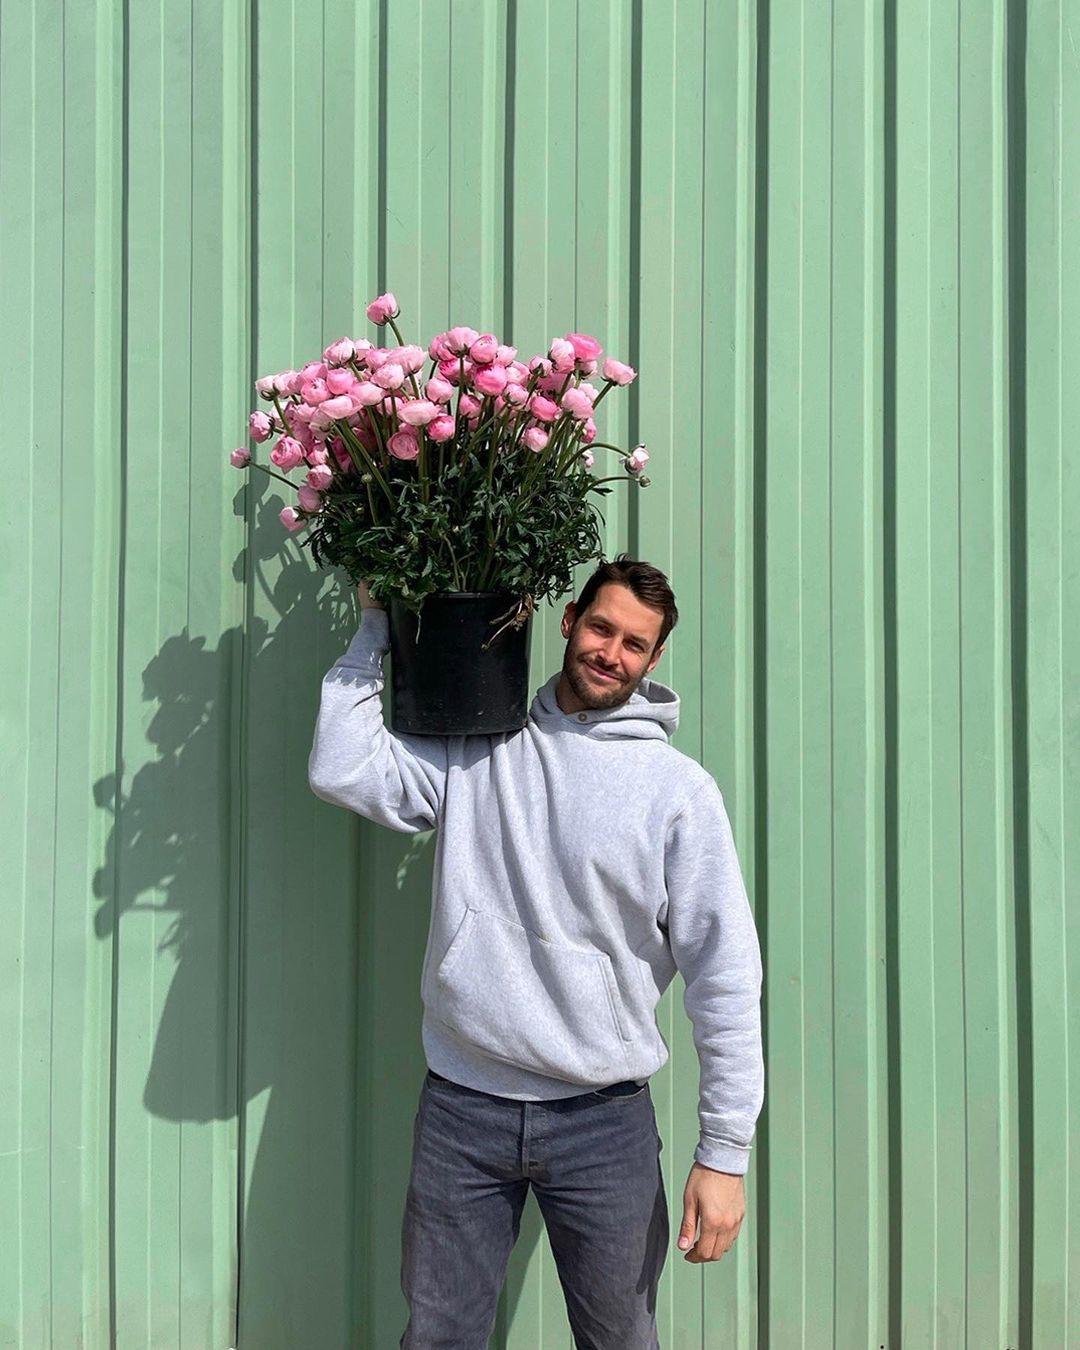 Jacquemus открыли цветочный магазин в Париже (ФОТО) - фото №2